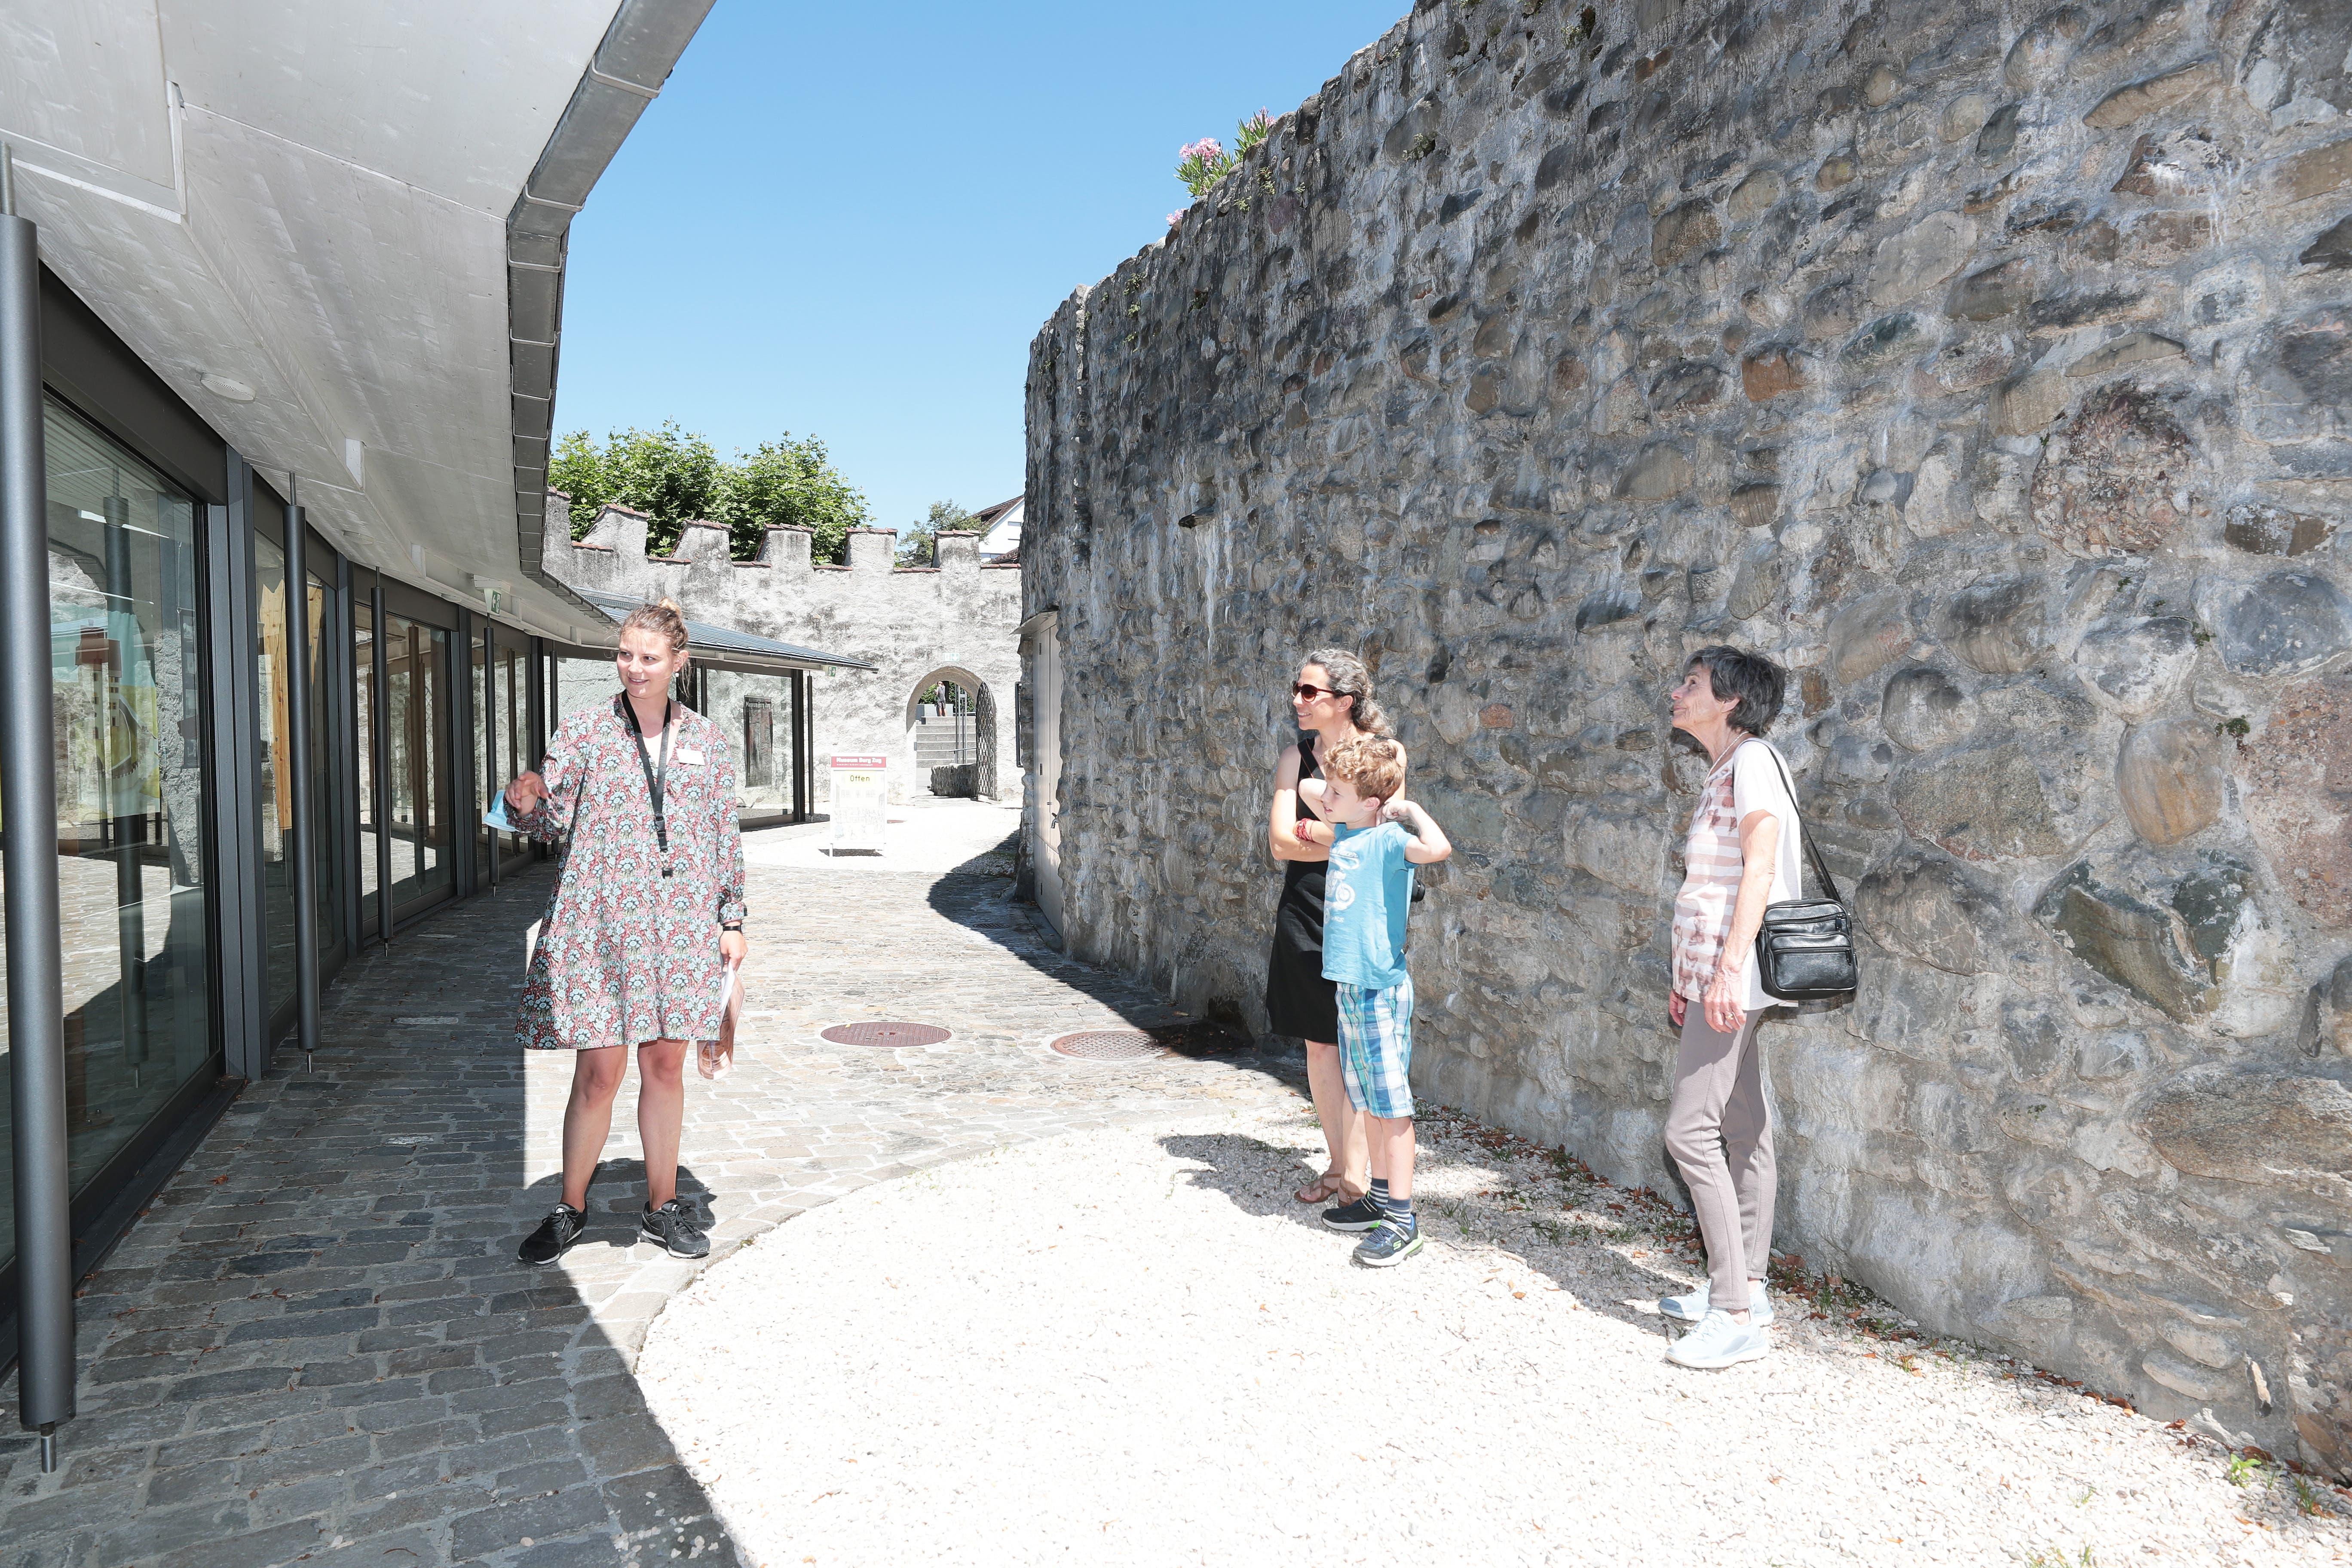 Sophia Aschwanden vom Museum Zug (links) erklärt Michèle Jörg (schwarzes Kleid, mit Fabio Dittli) und Marlen Wildher, worum es geht.